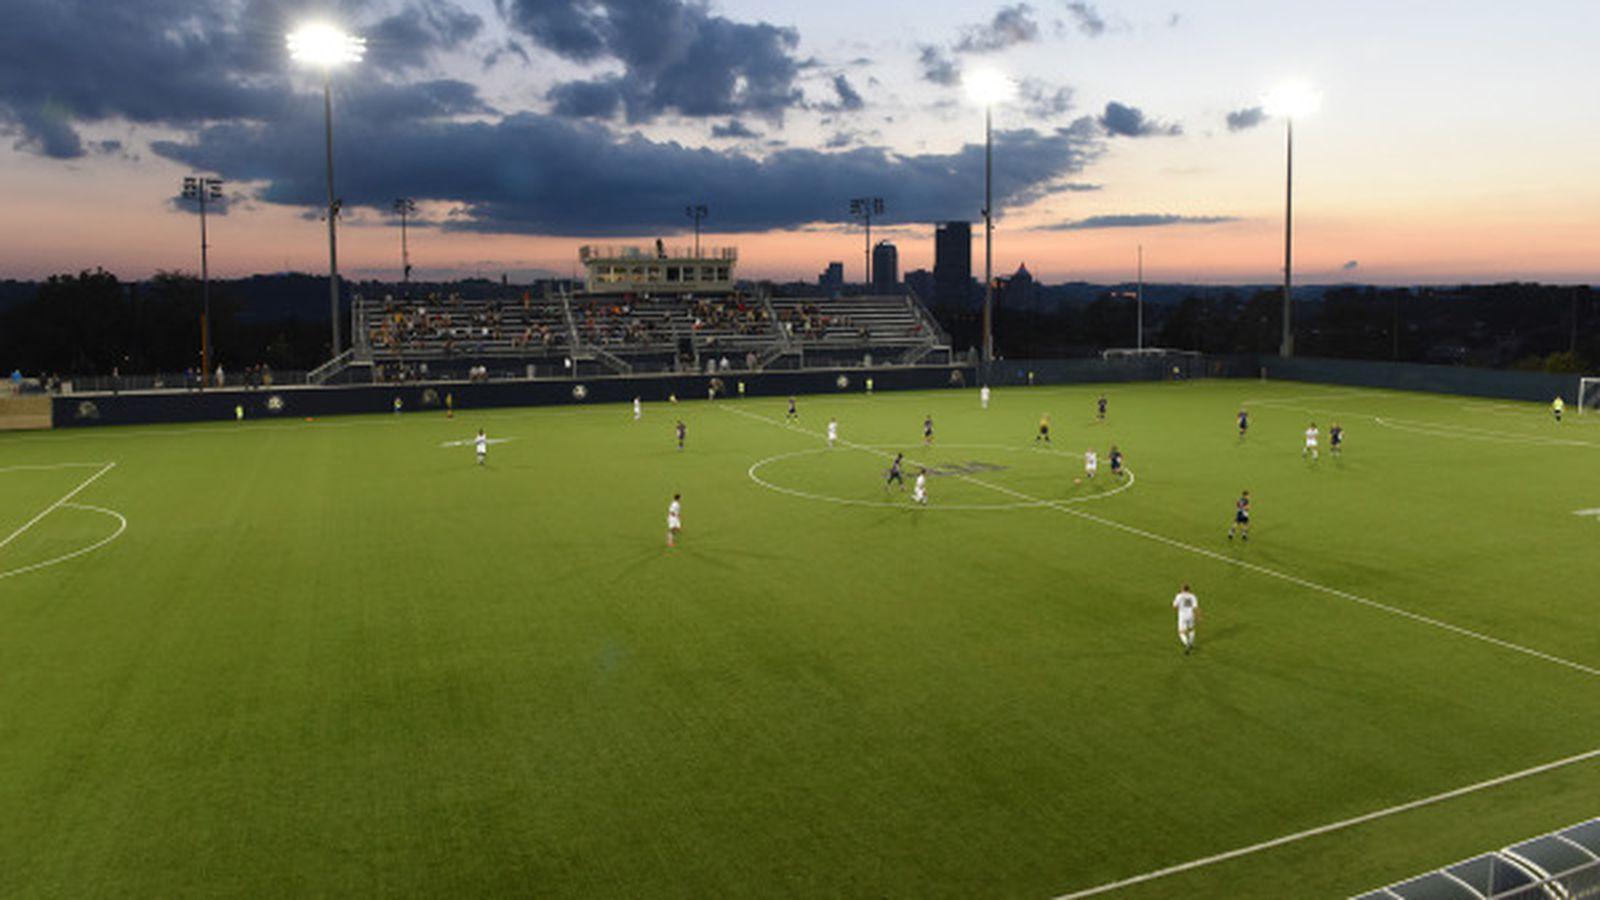 Pitt_soccer_field.0.0